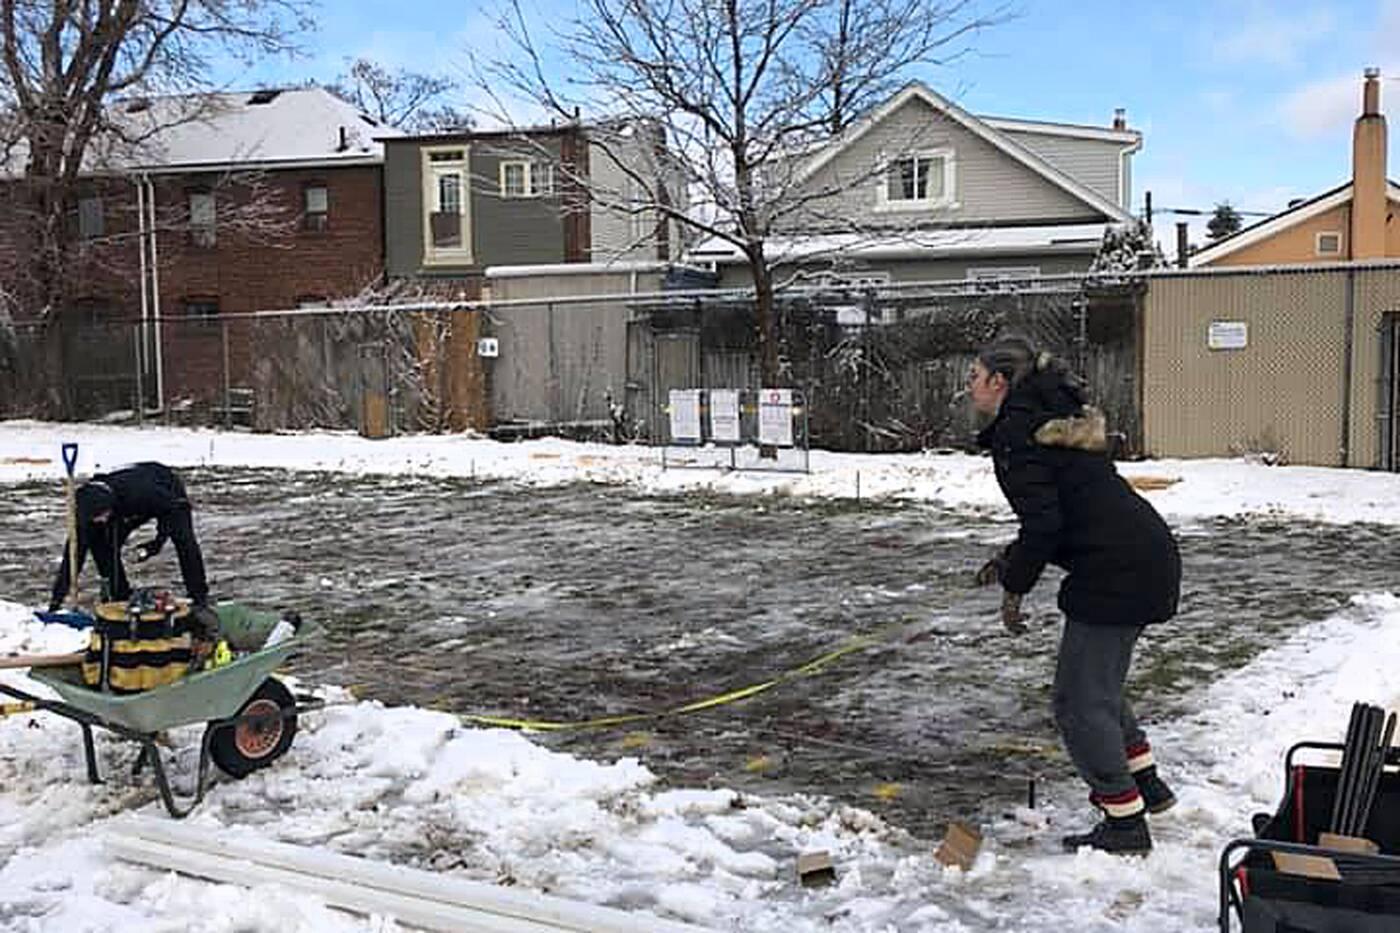 屋外アイススケートリンク